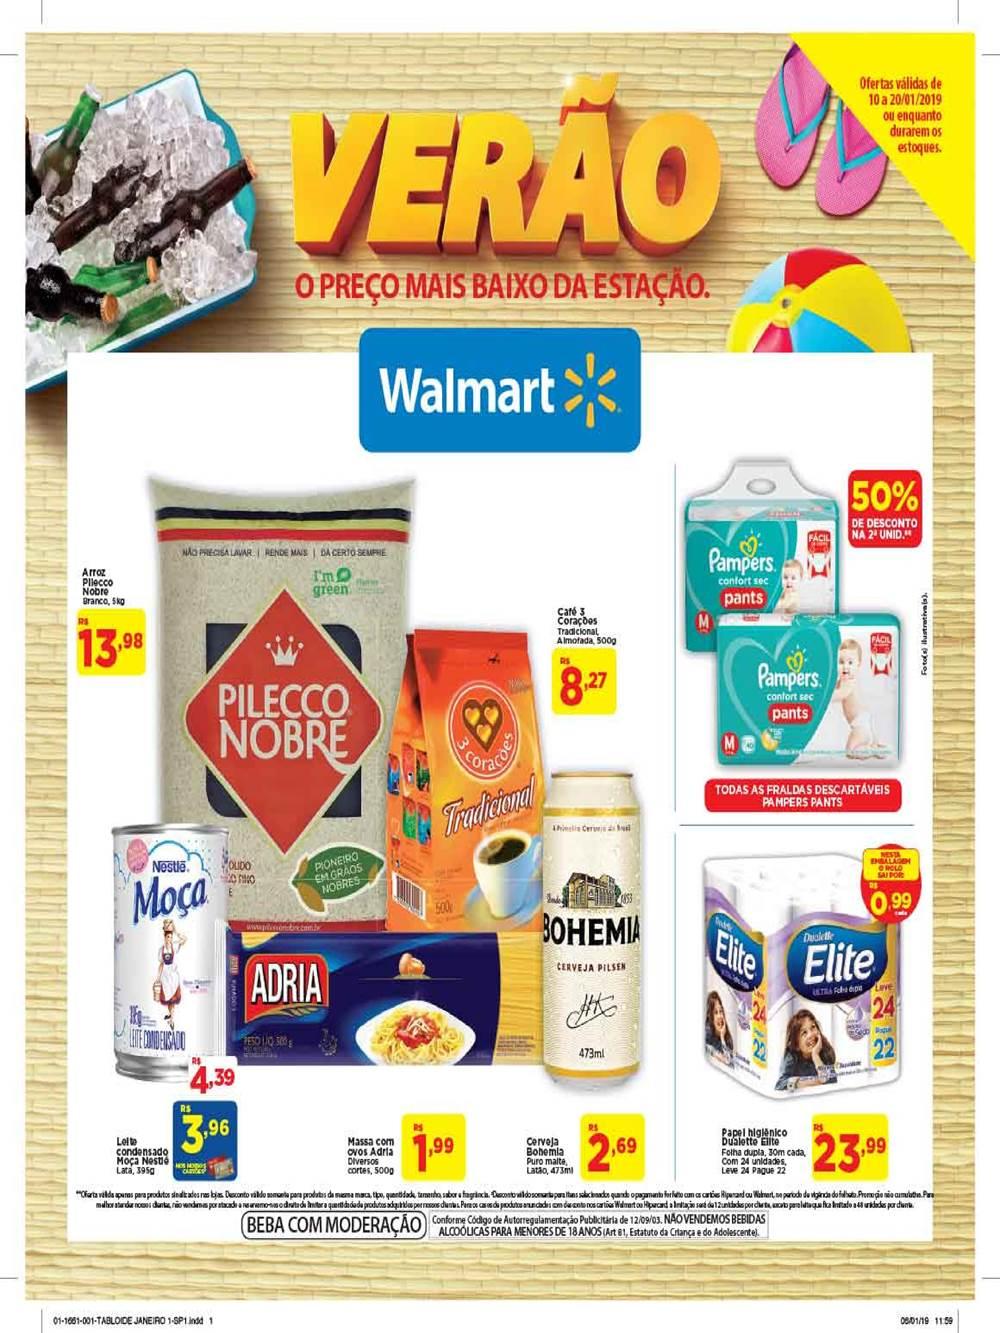 Ofertas-Verao1 Walmart até 17/02